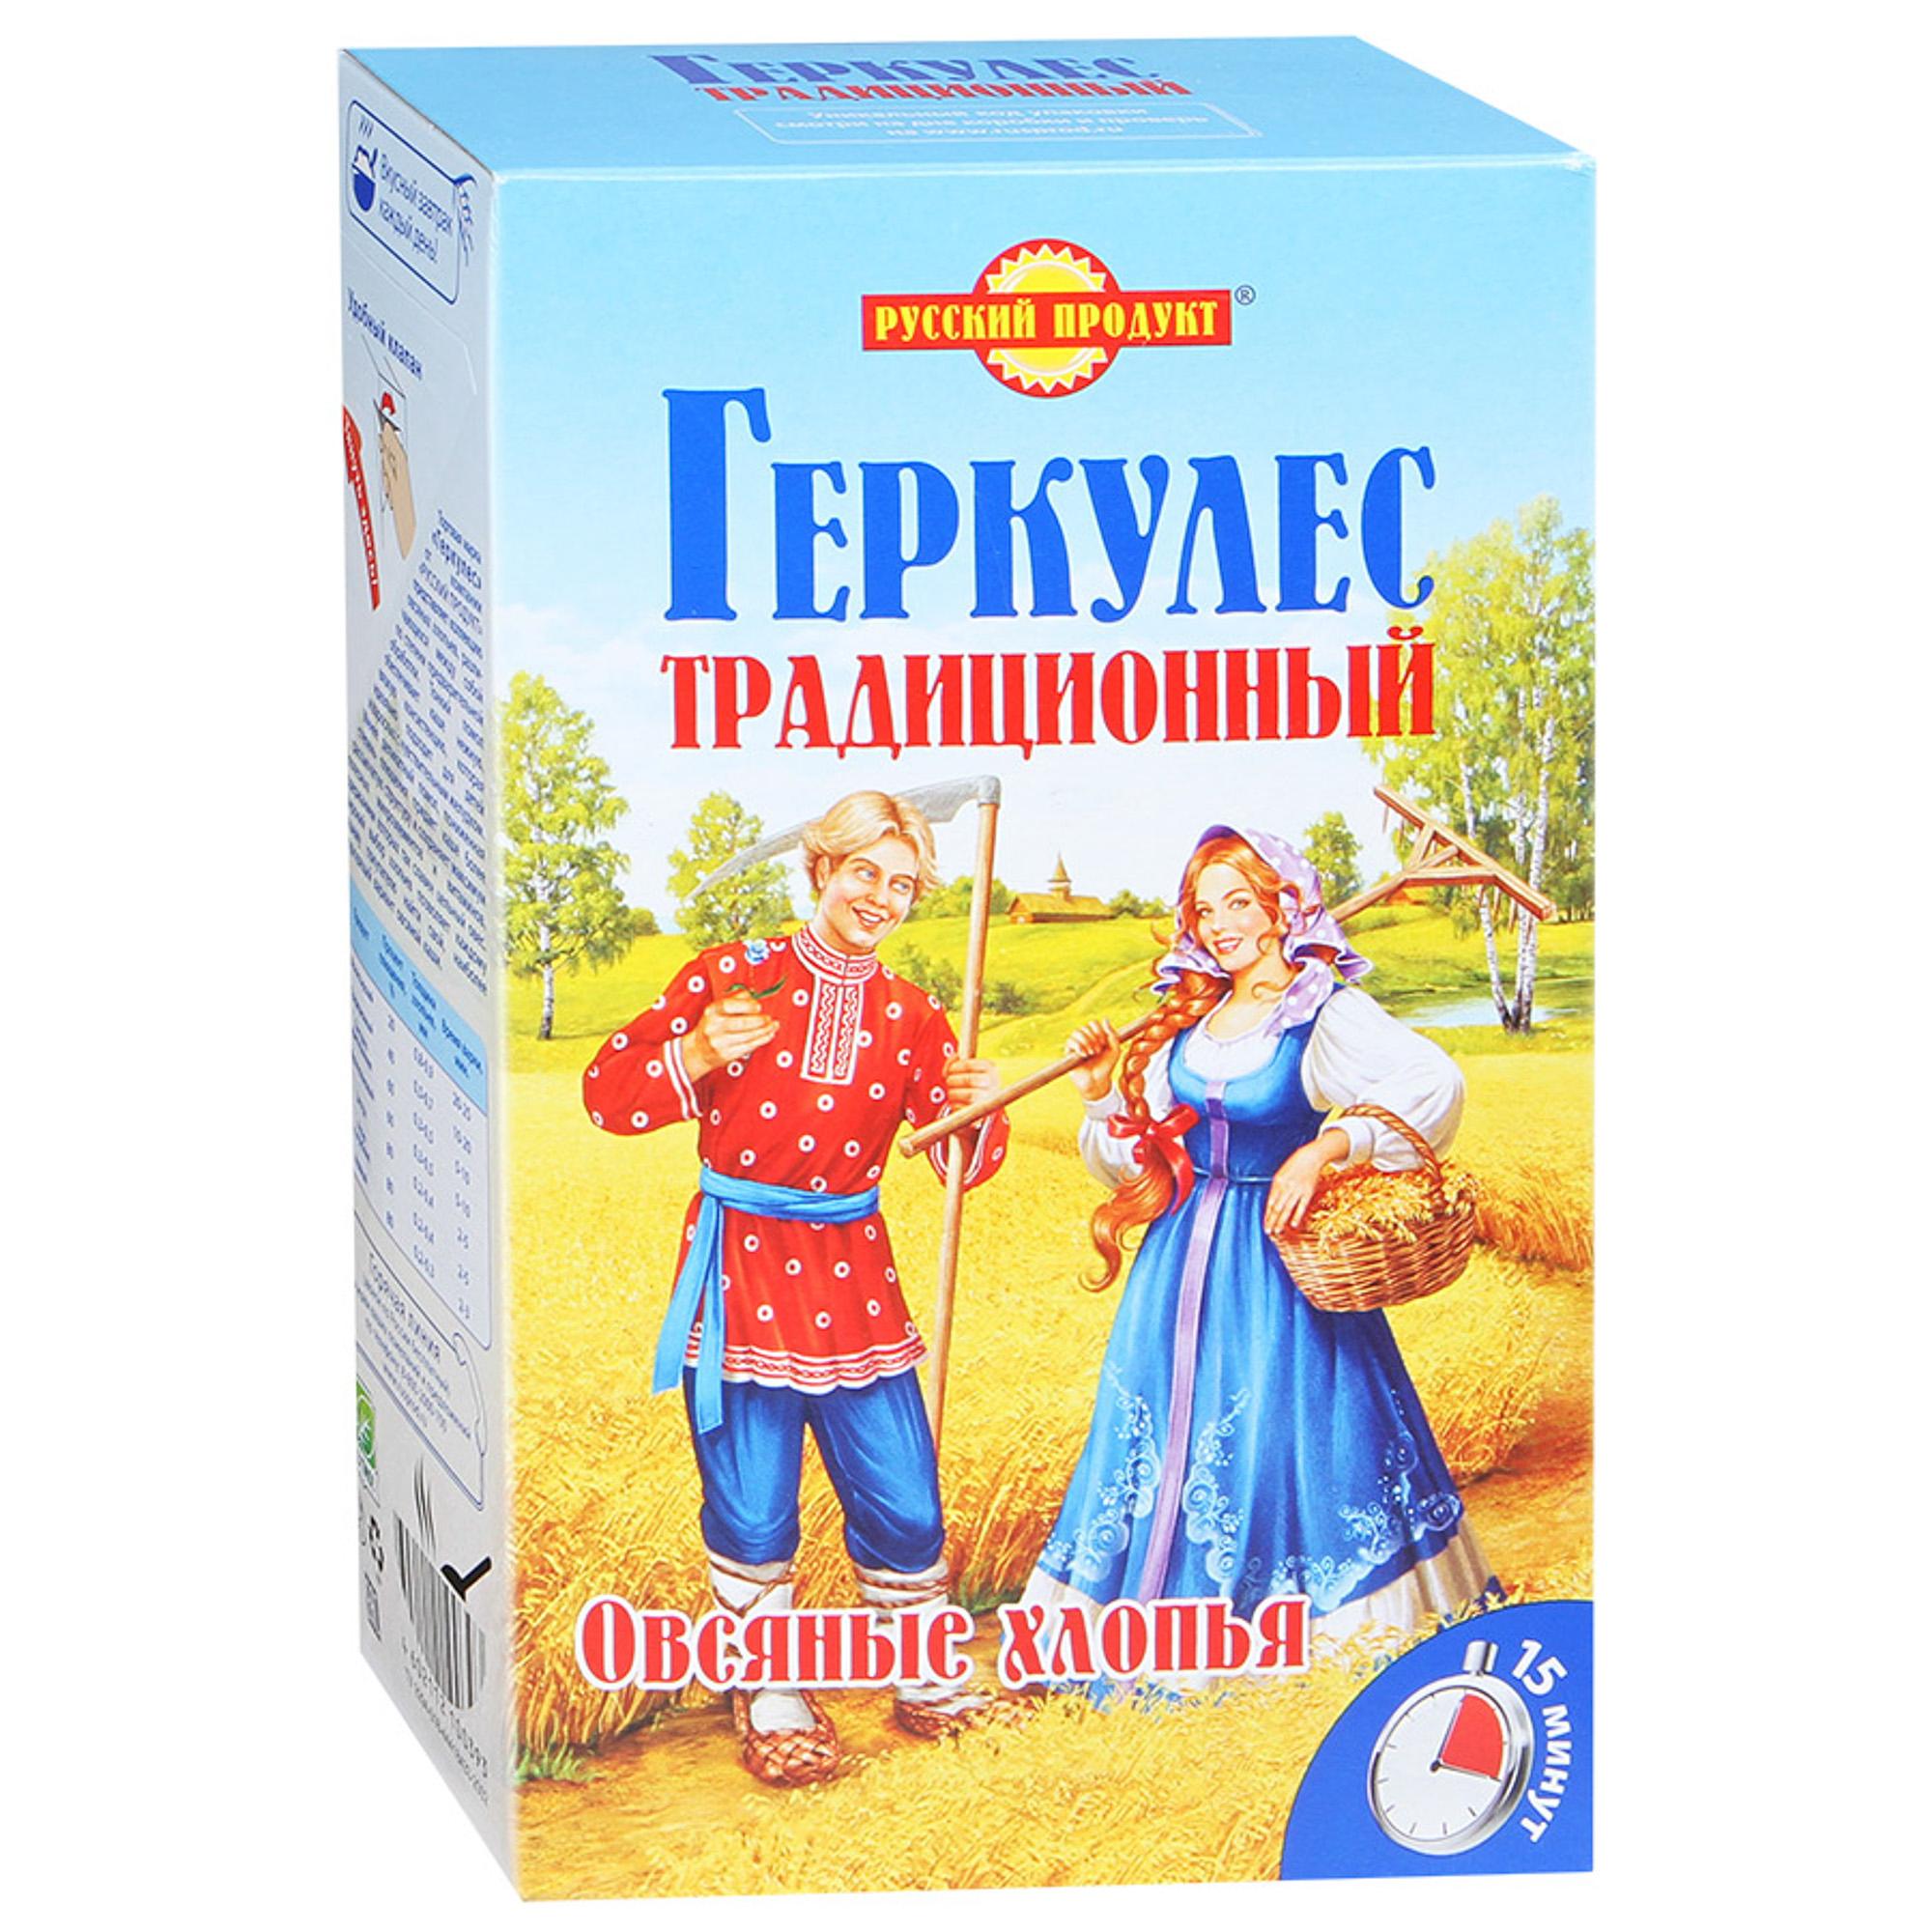 Хлопья овсяные Русский Продукт Геркулес Традиционный 500 г